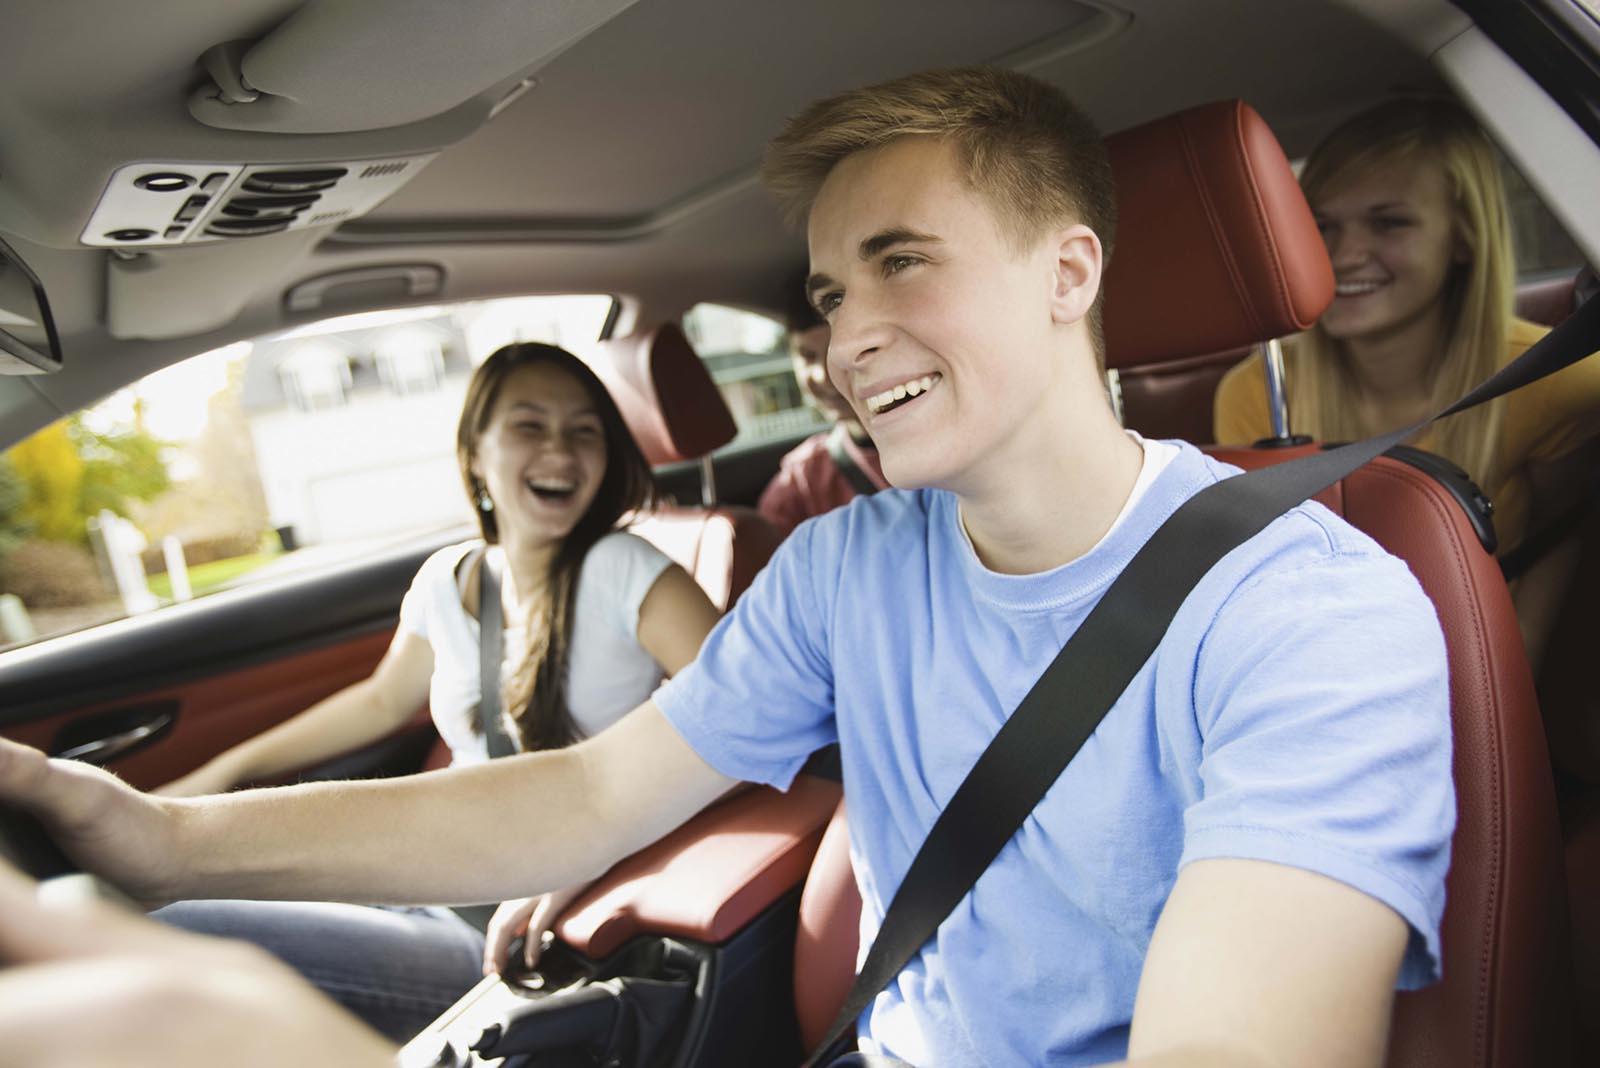 Истражување: На тинејџерите да не се дозволува да се возат со врсници